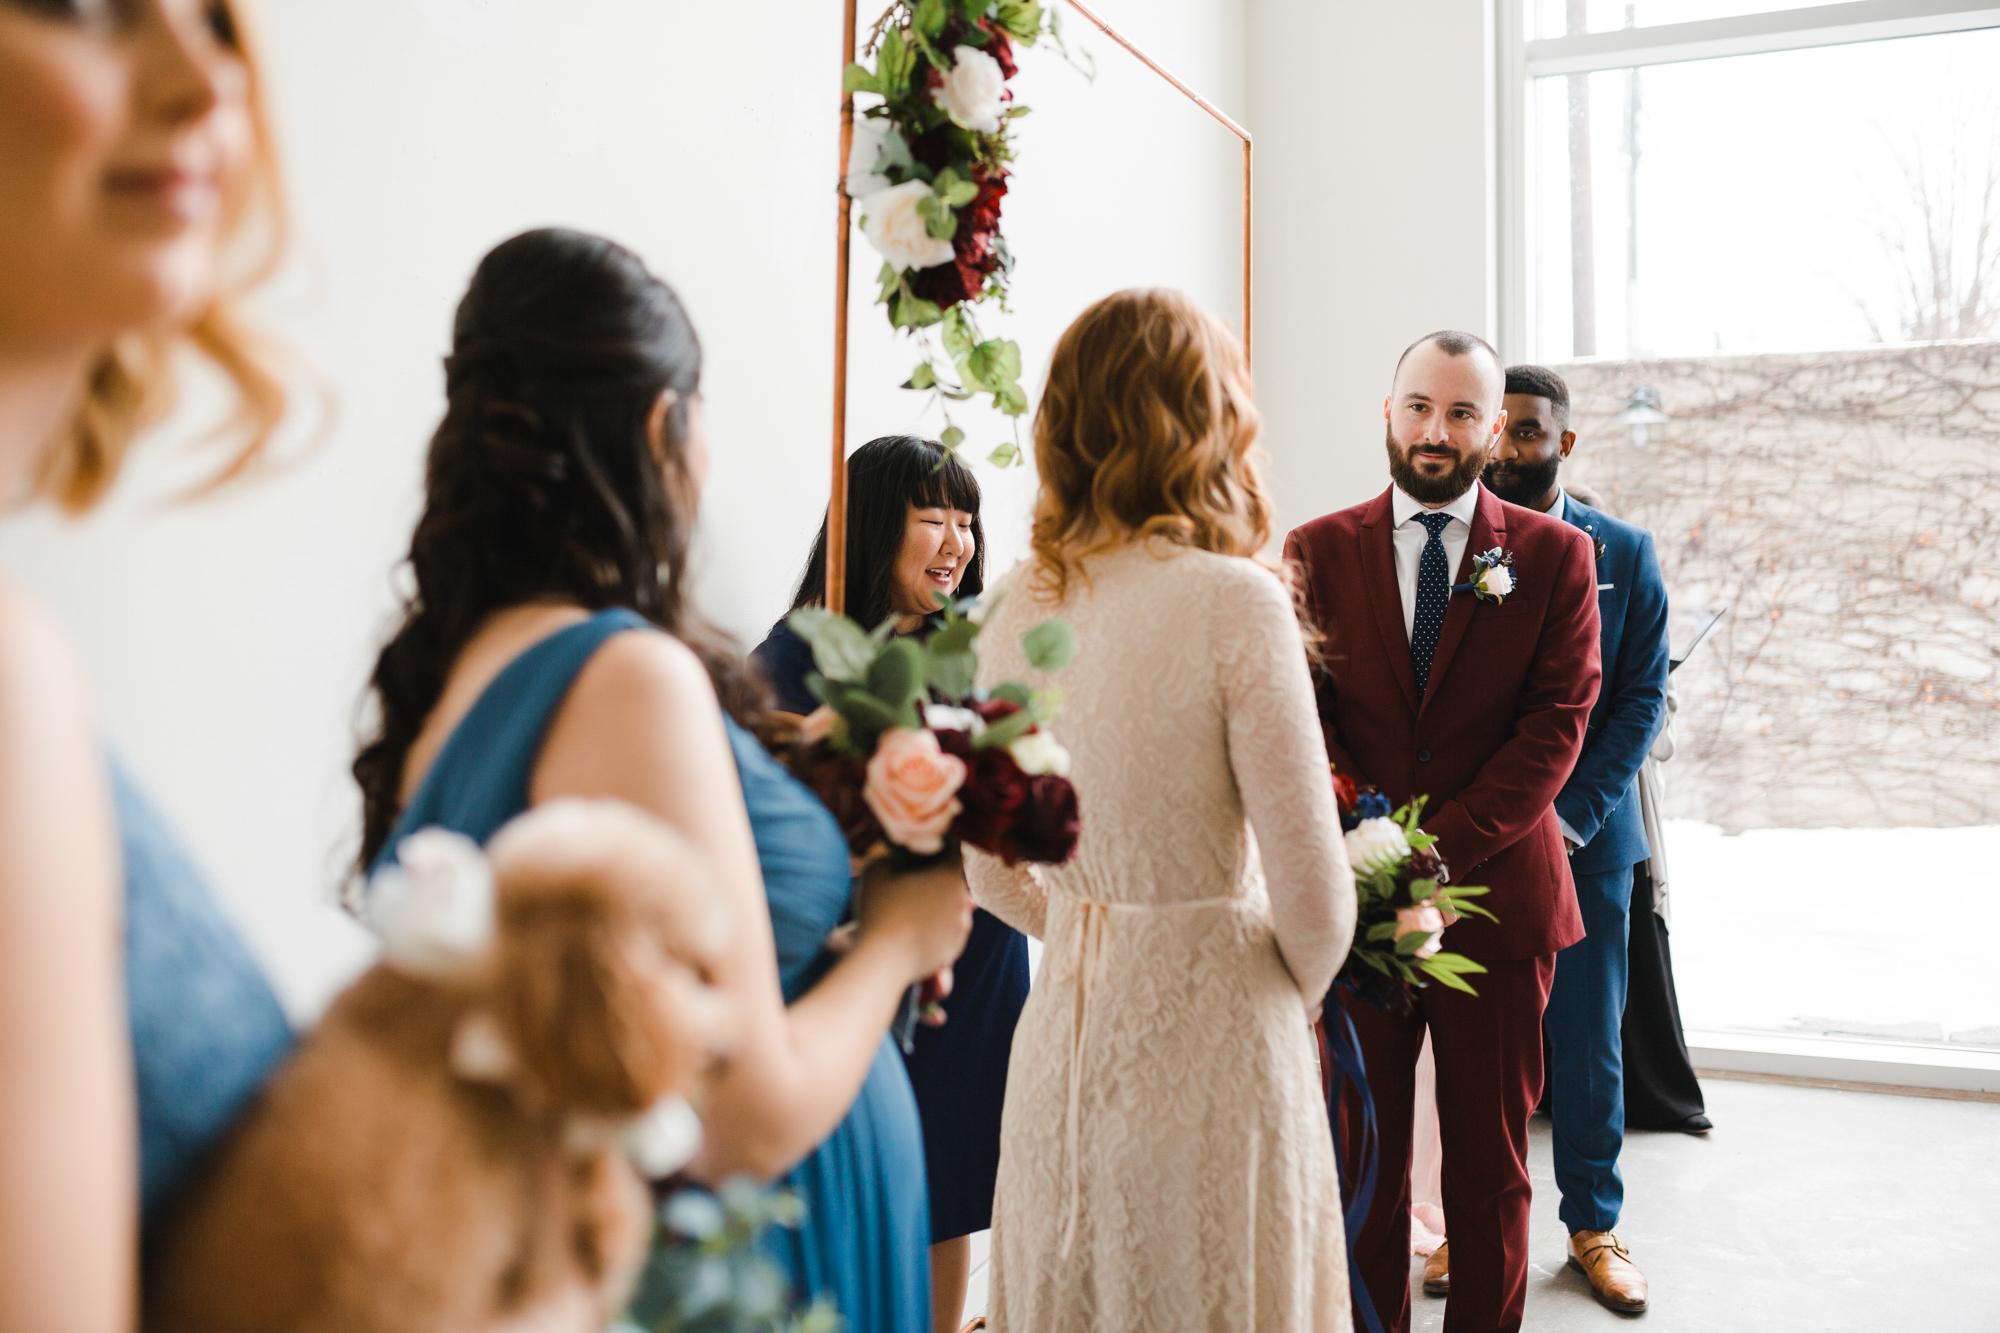 Toronto winter wedding ideas